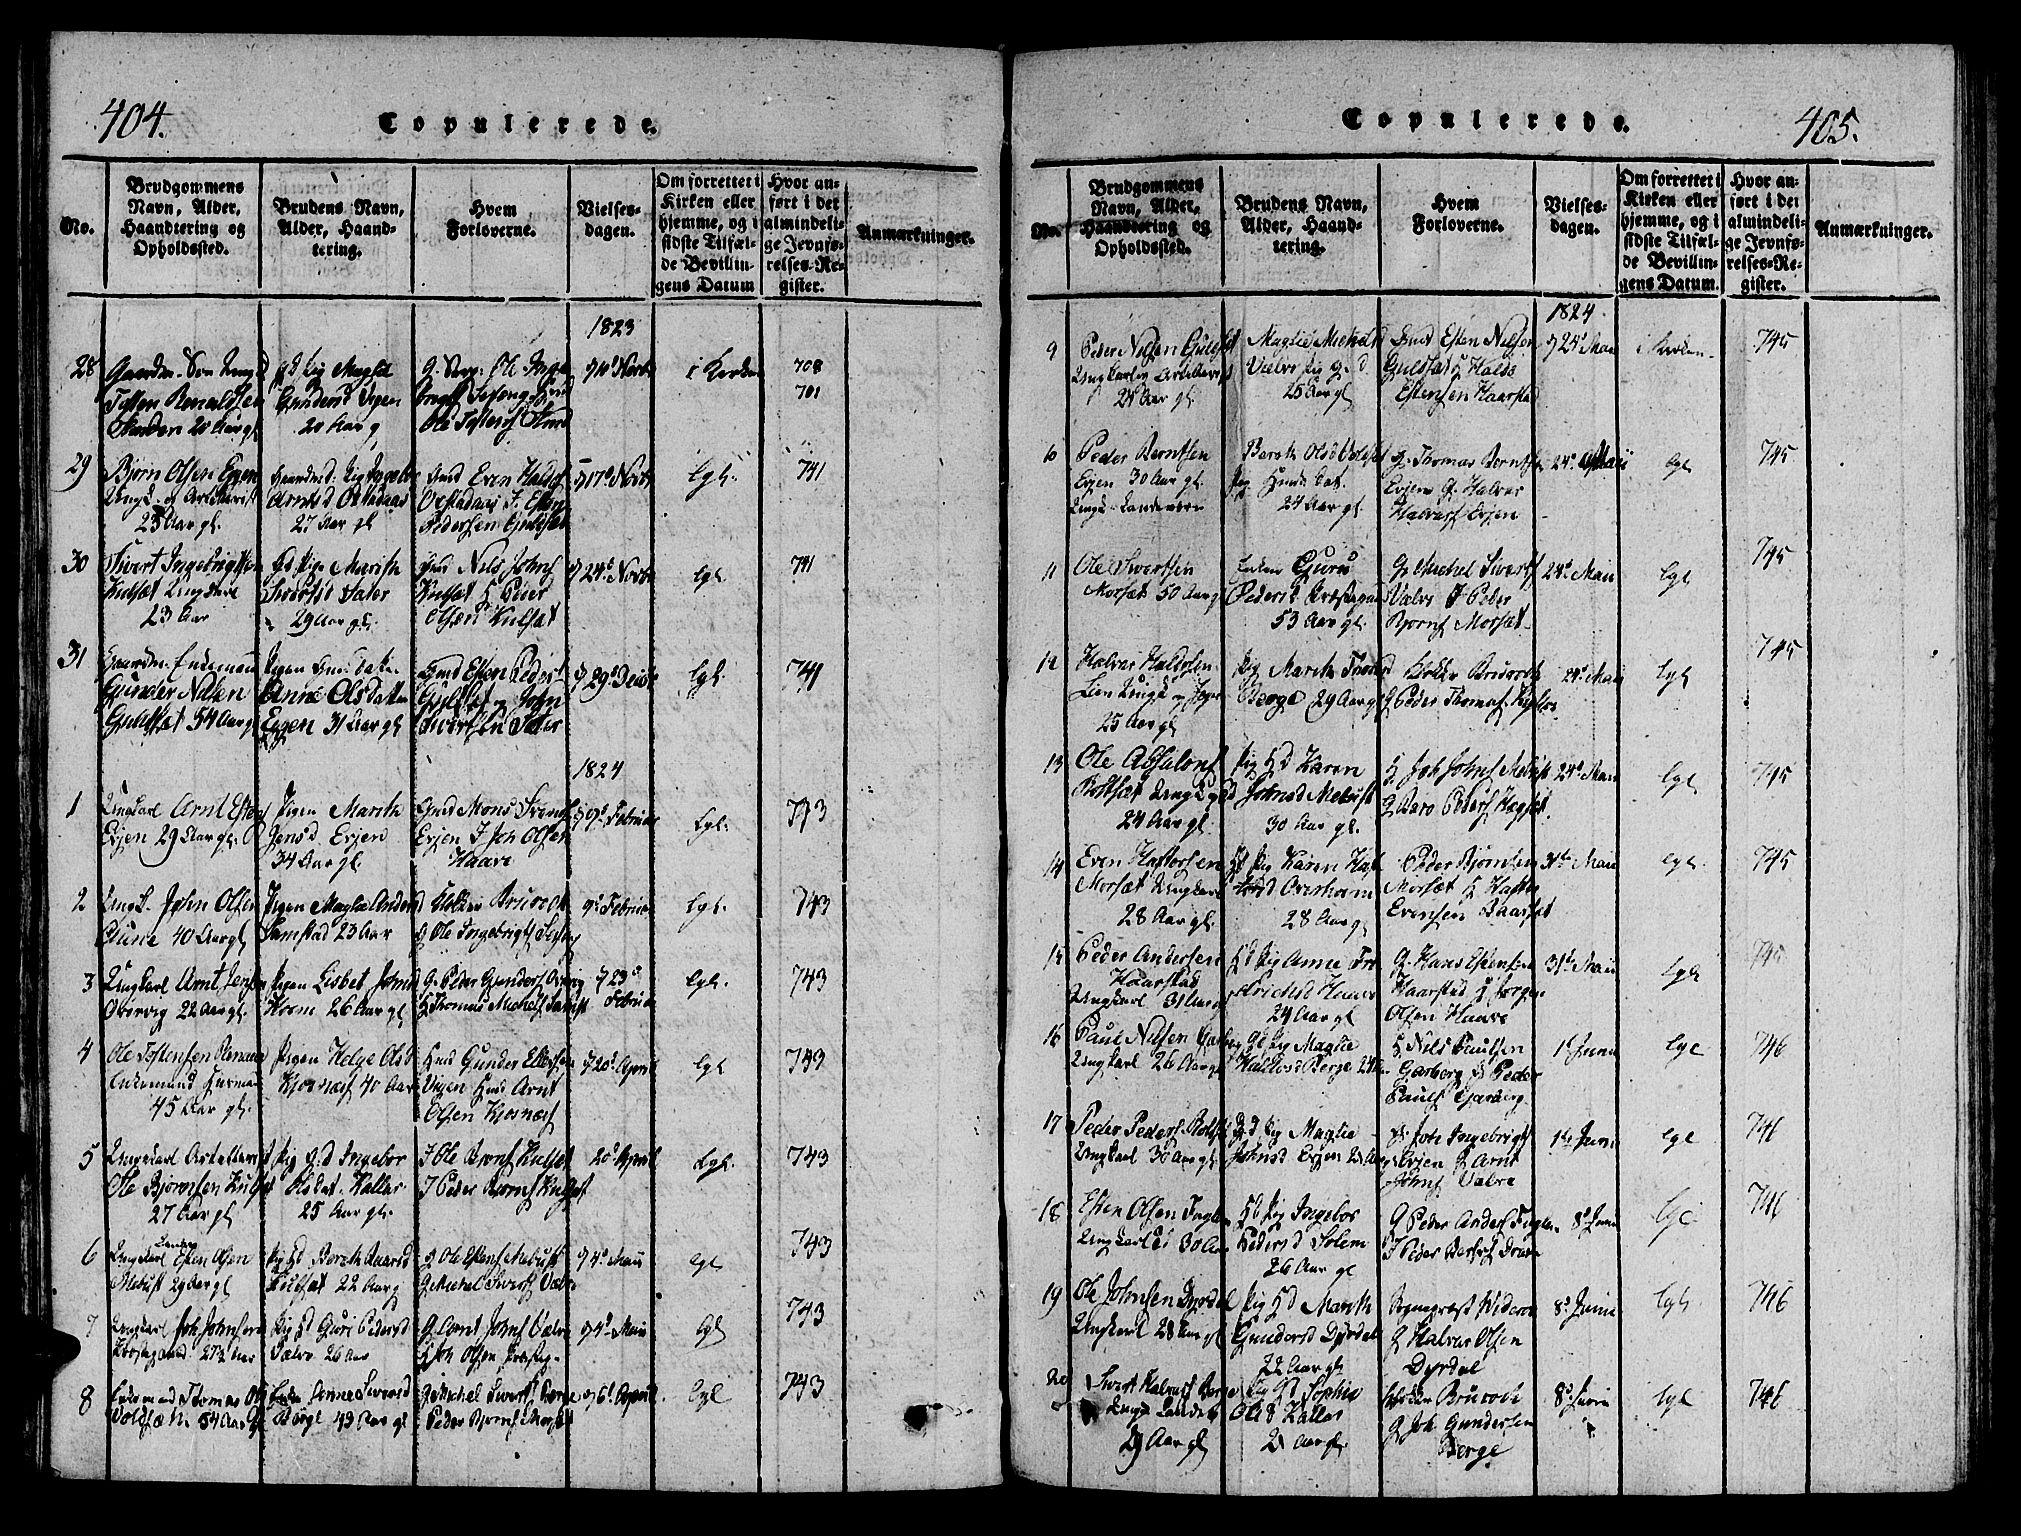 SAT, Ministerialprotokoller, klokkerbøker og fødselsregistre - Sør-Trøndelag, 695/L1141: Ministerialbok nr. 695A04 /1, 1816-1824, s. 404-405